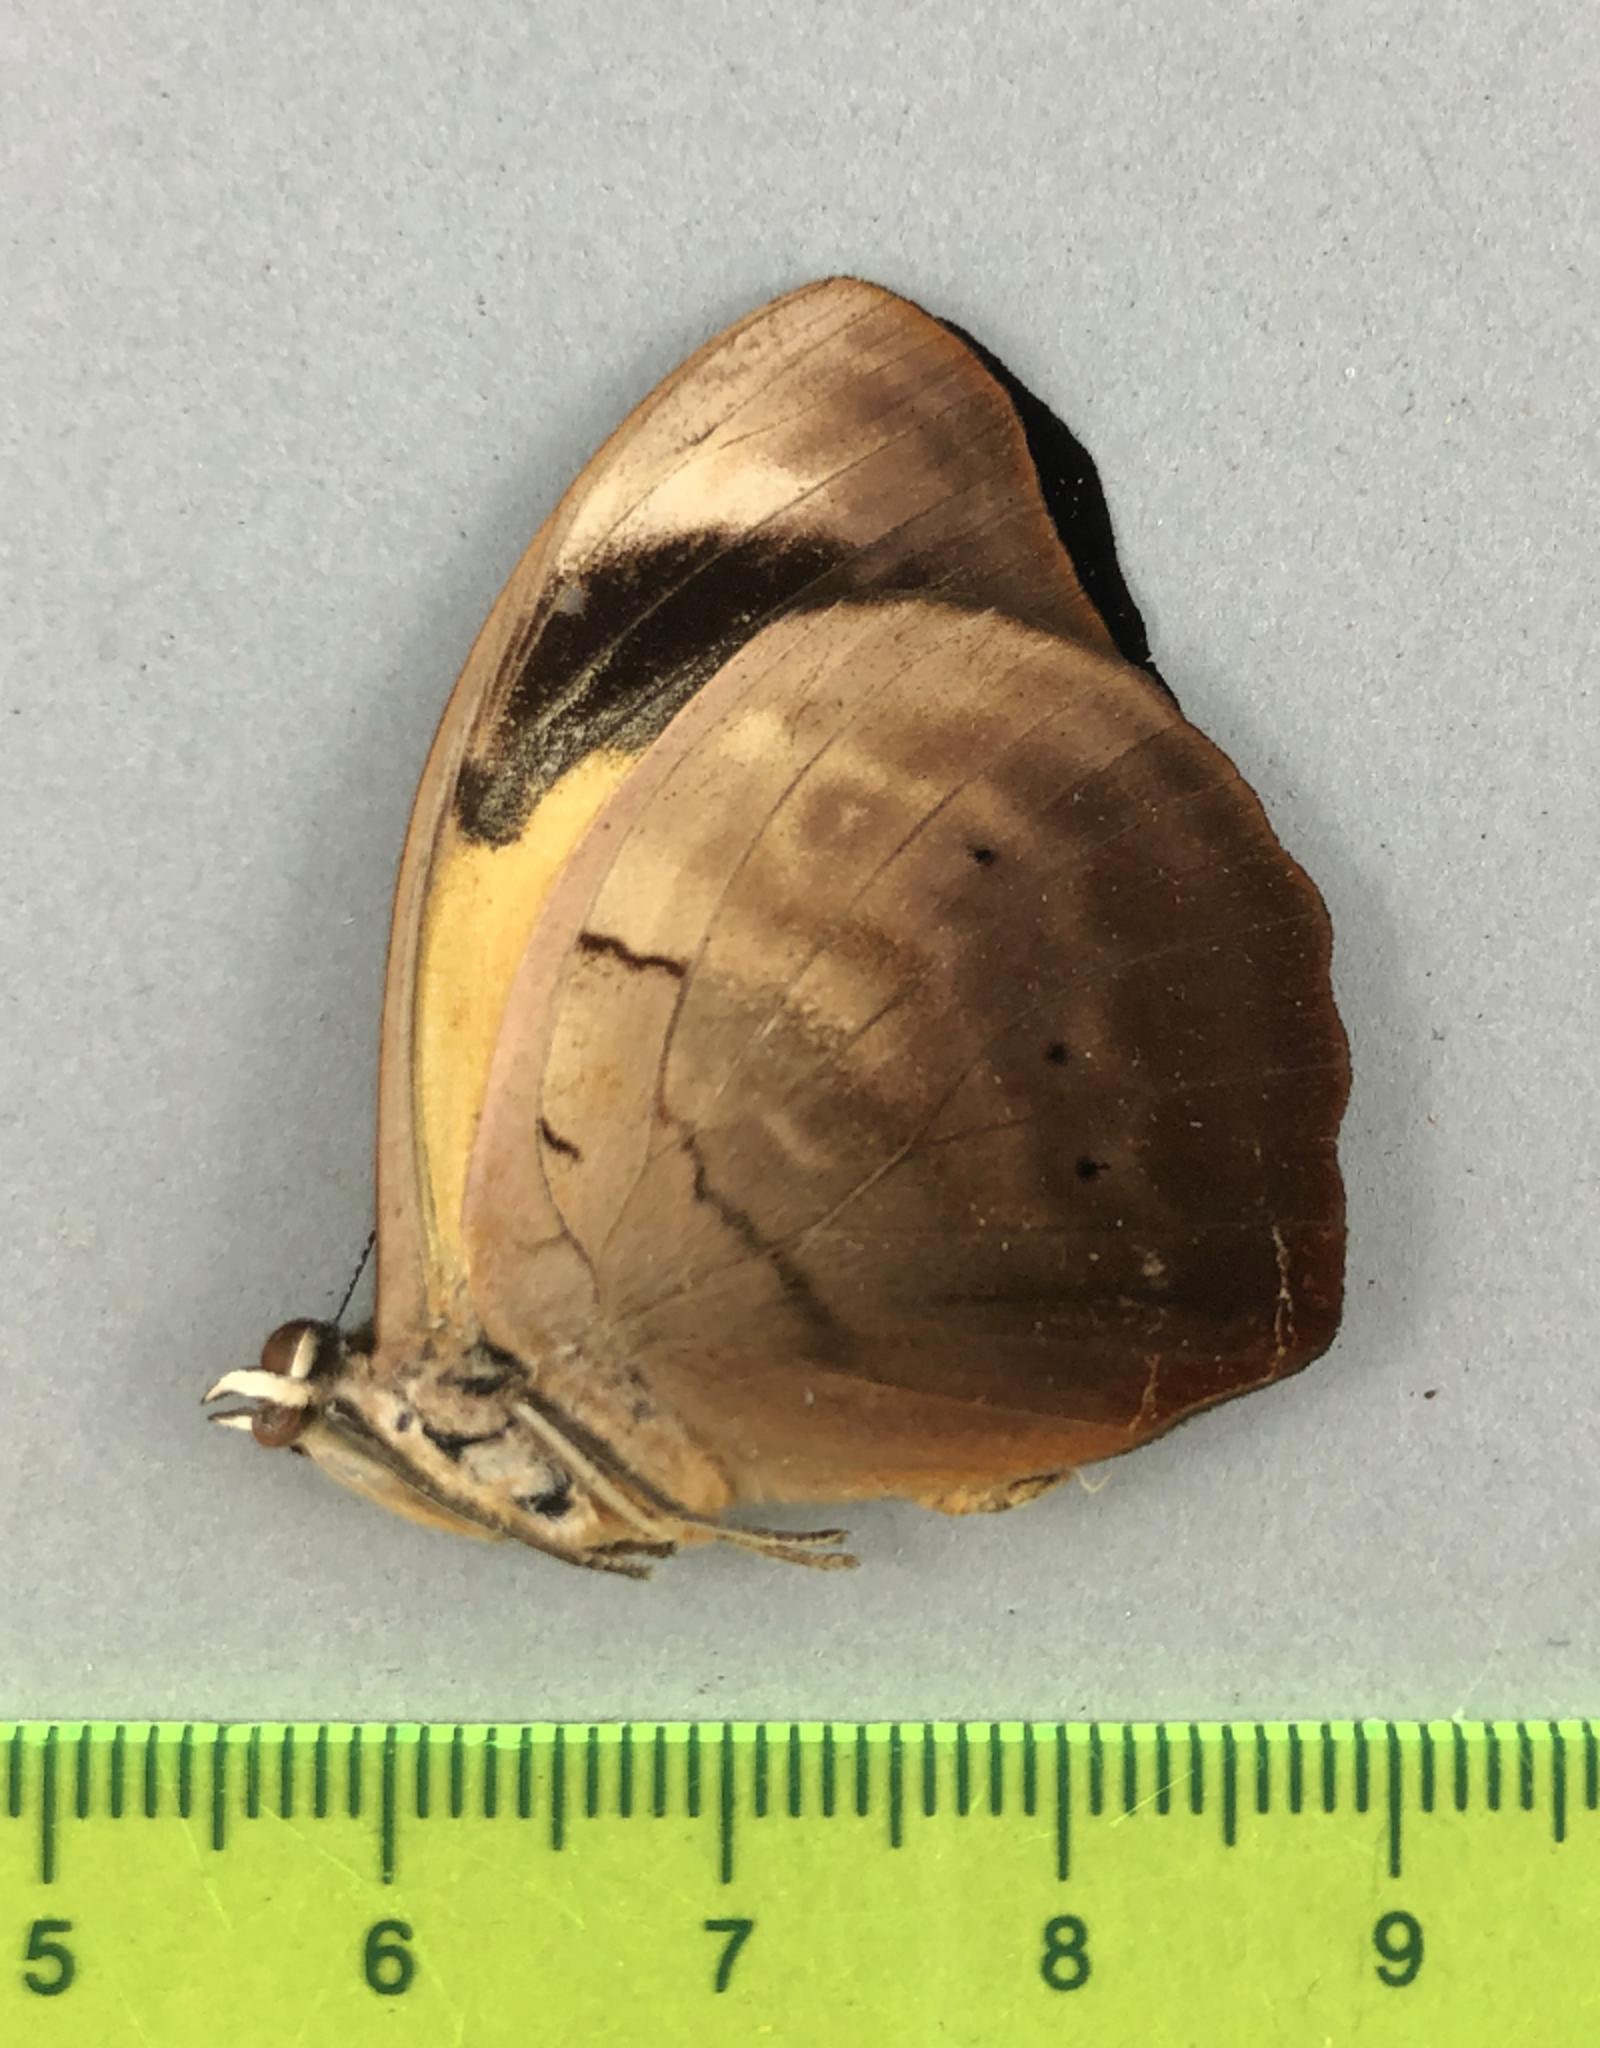 Catonephele numilia M A1 UHV, Peru